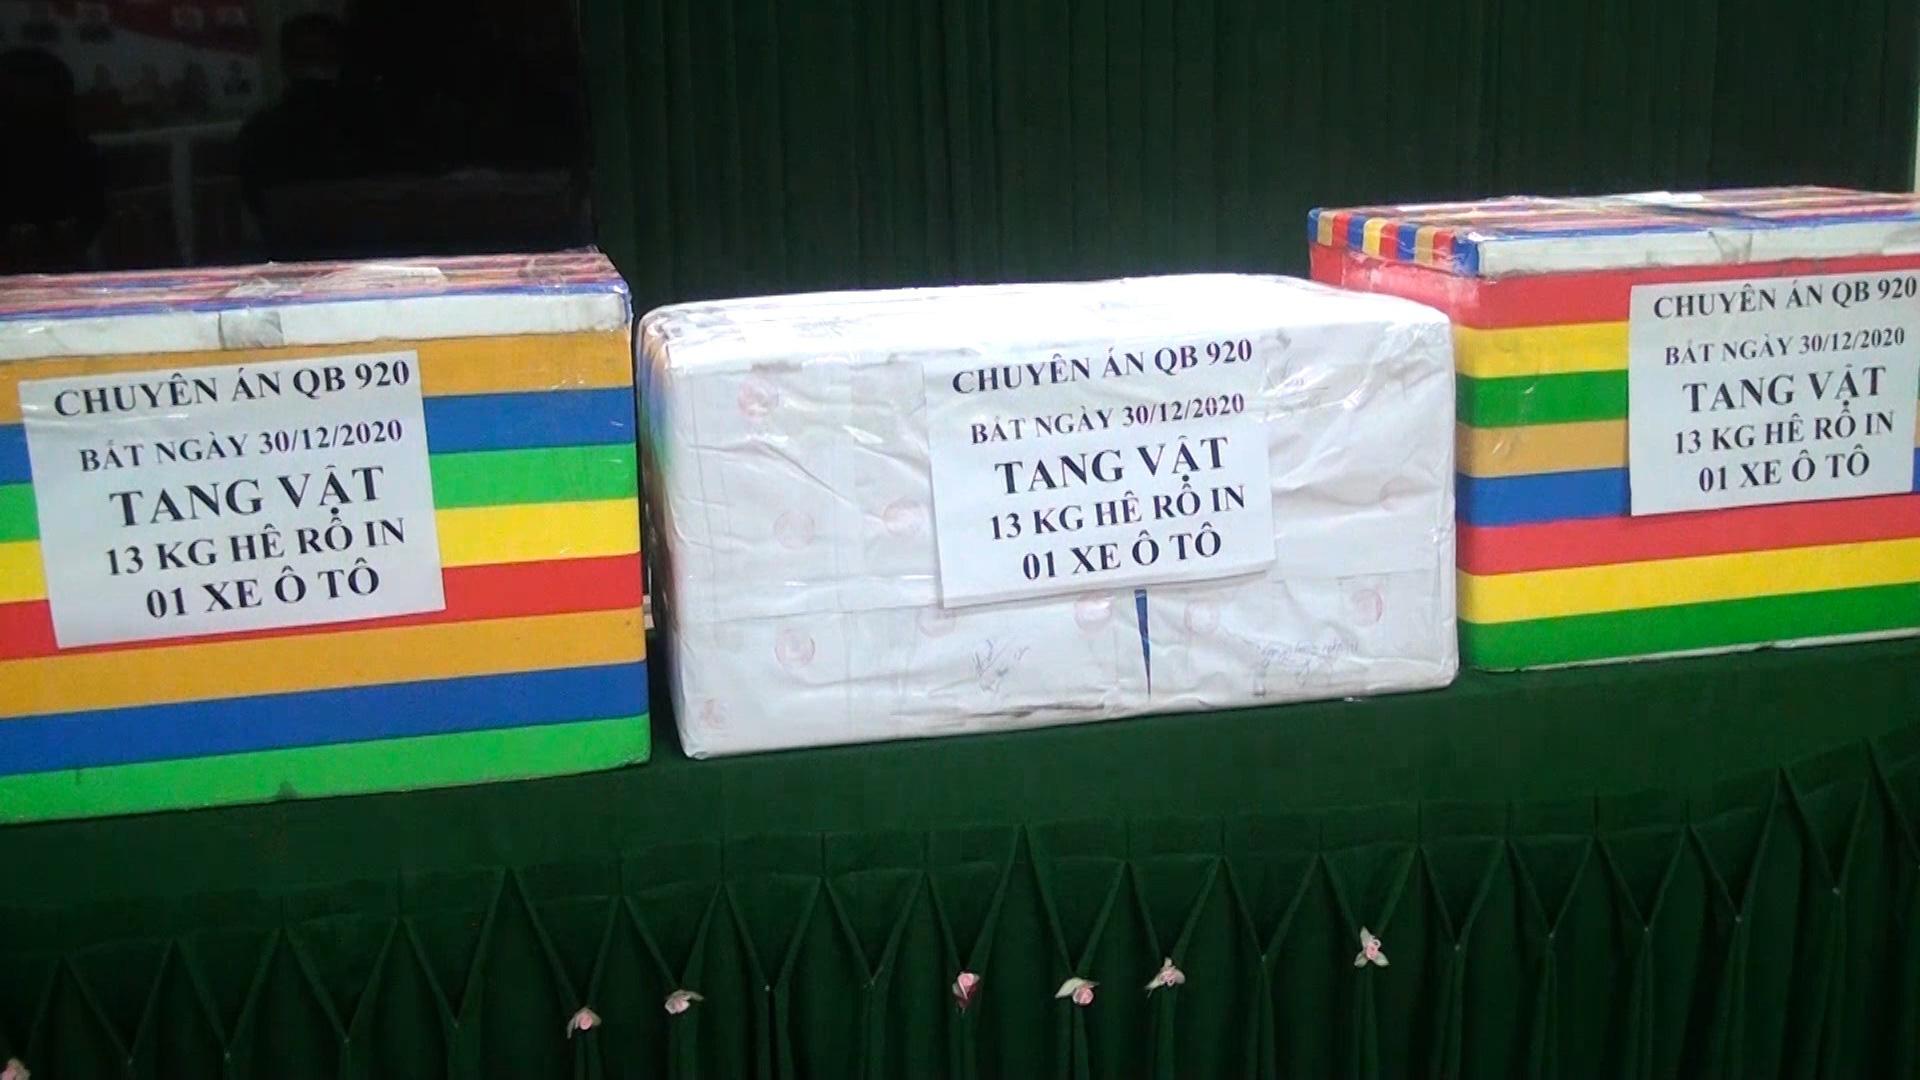 Bắt 13kg ma túy: 2 đối tượng khai nhận vận chuyển với giá 200 triệu đồng - Ảnh 3.